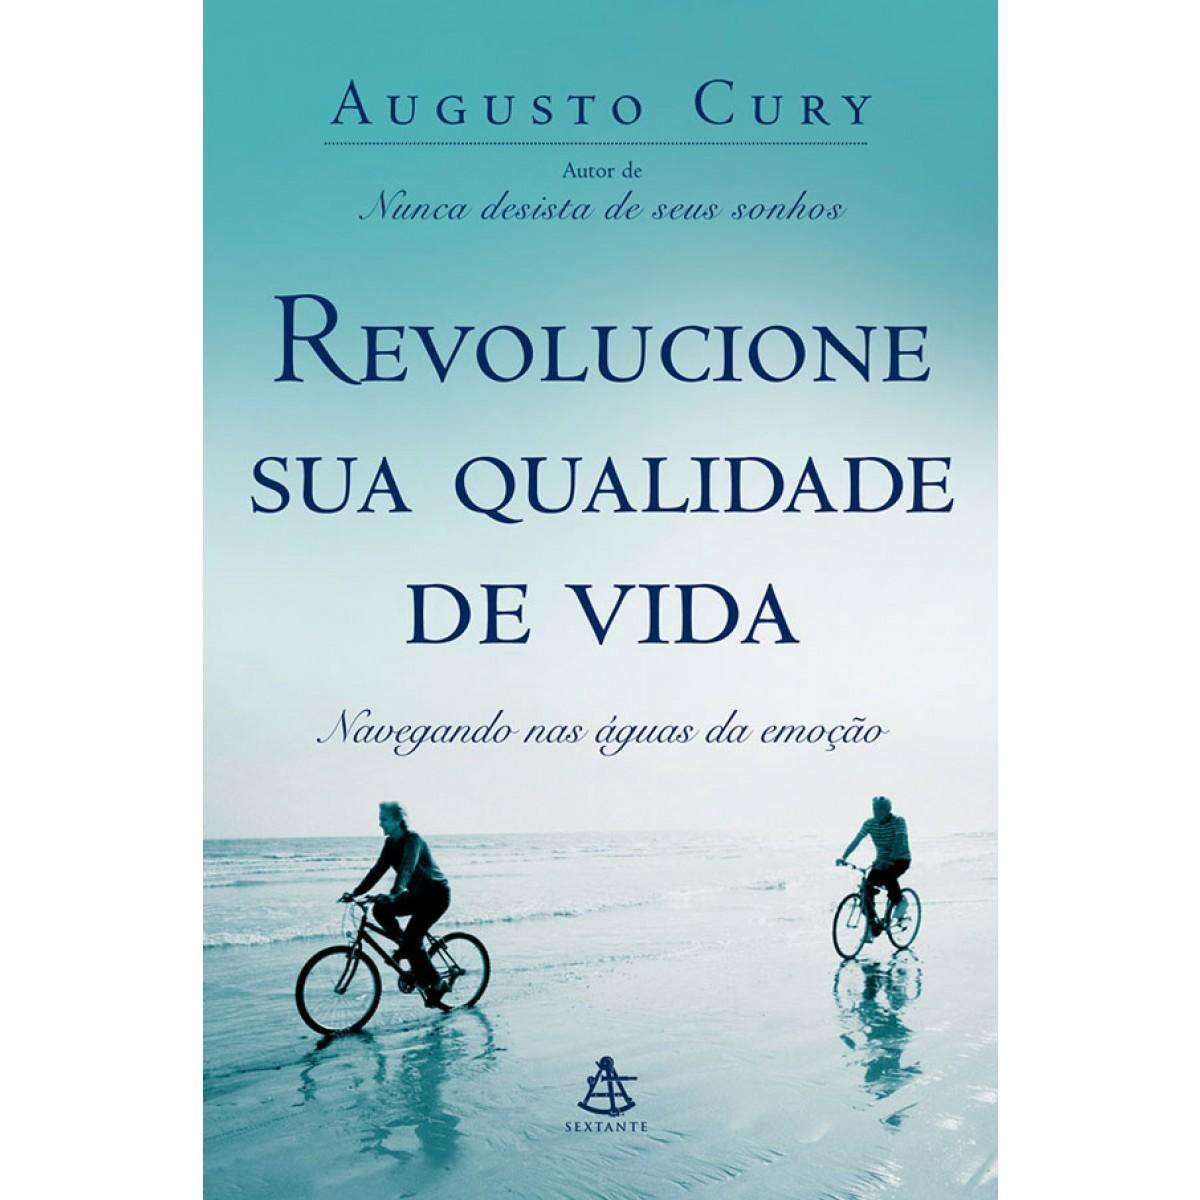 SEUS DE CURY DOWNLOAD NUNCA GRATUITO SONHOS DESISTA AUGUSTO PDF